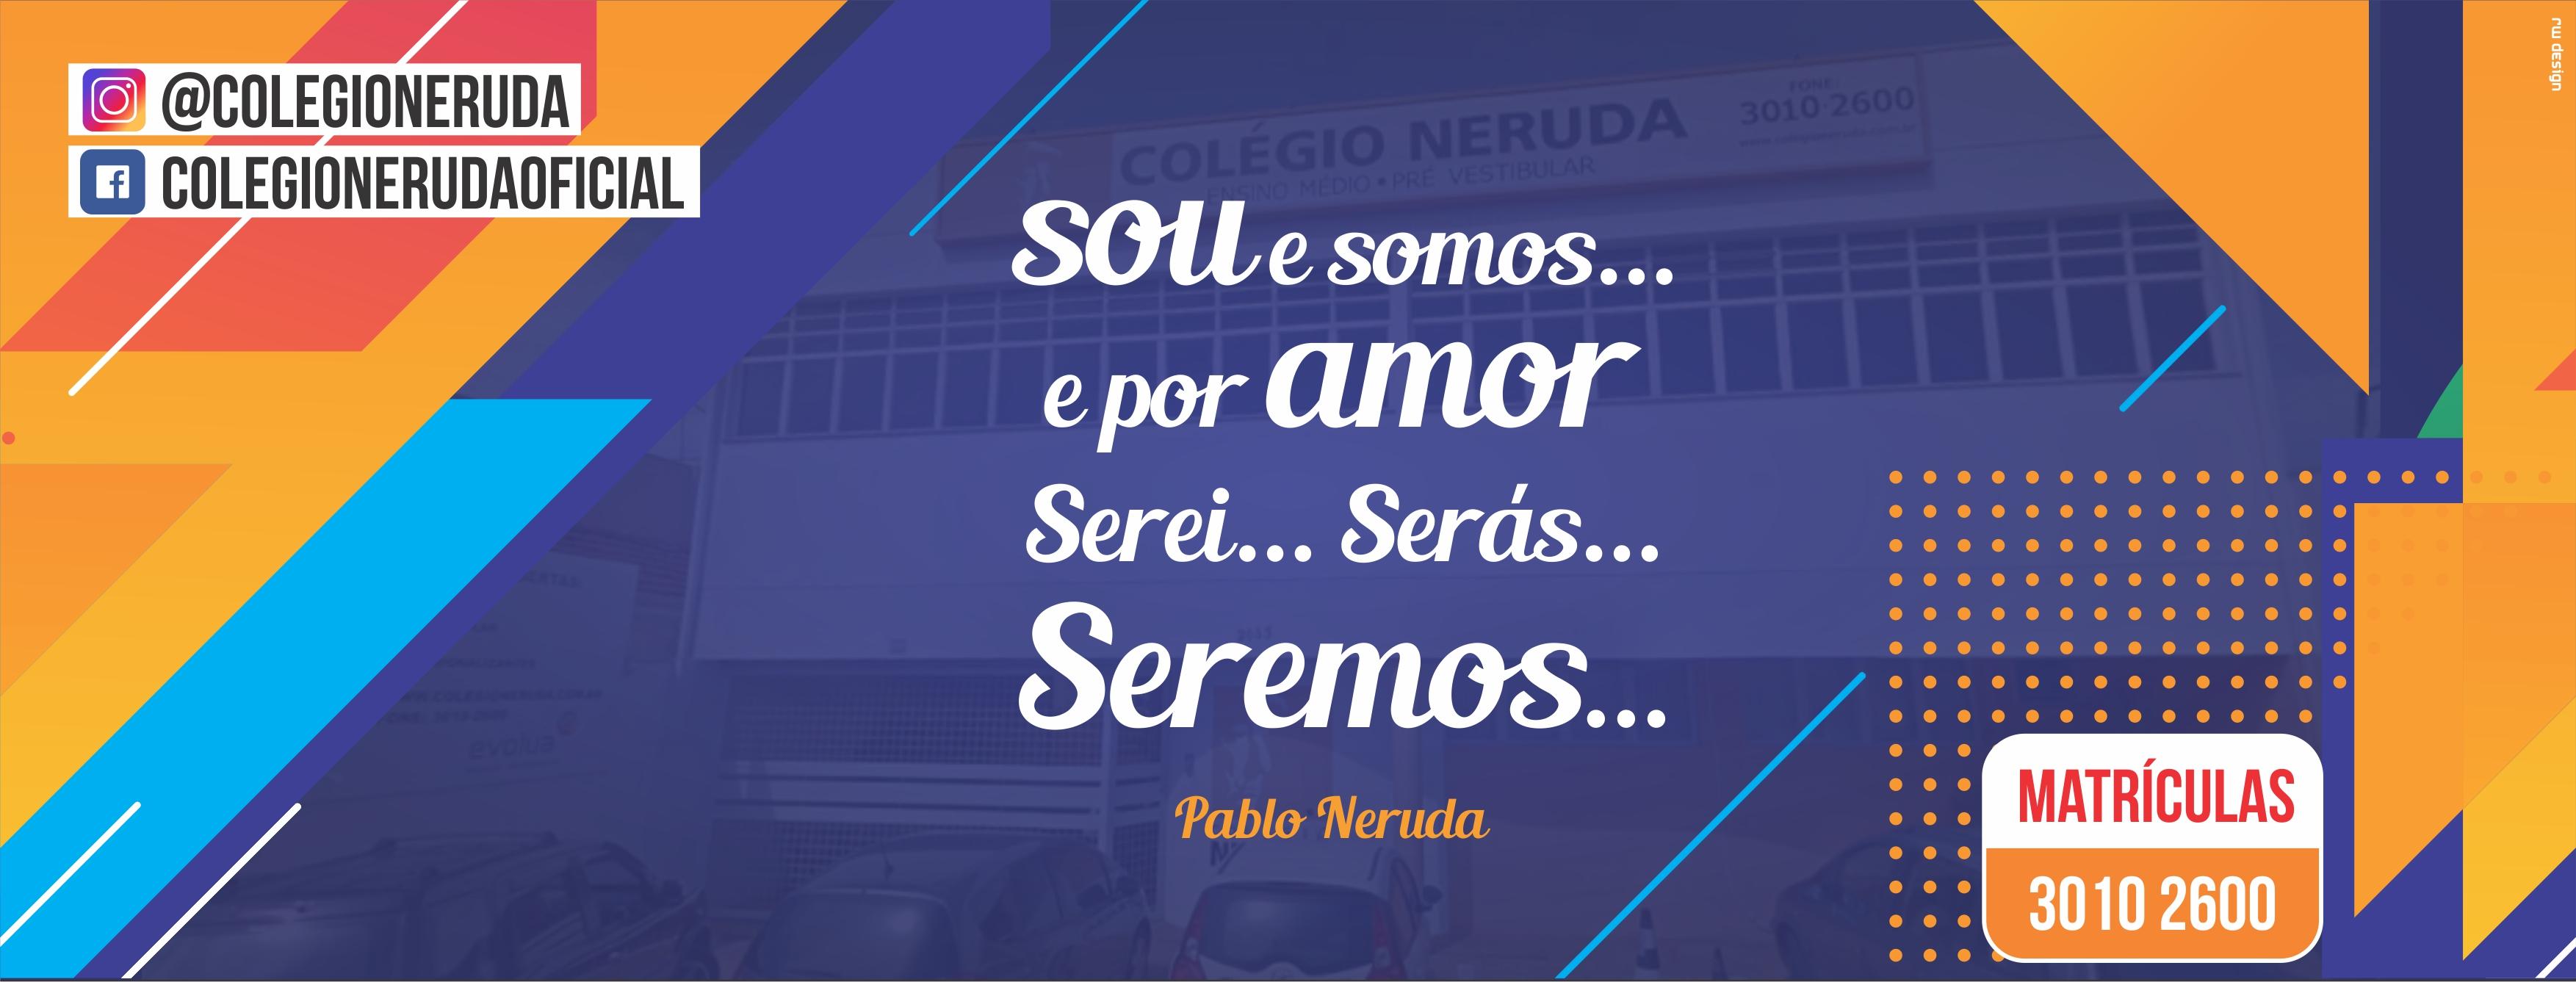 Colegio_Neruda_Site